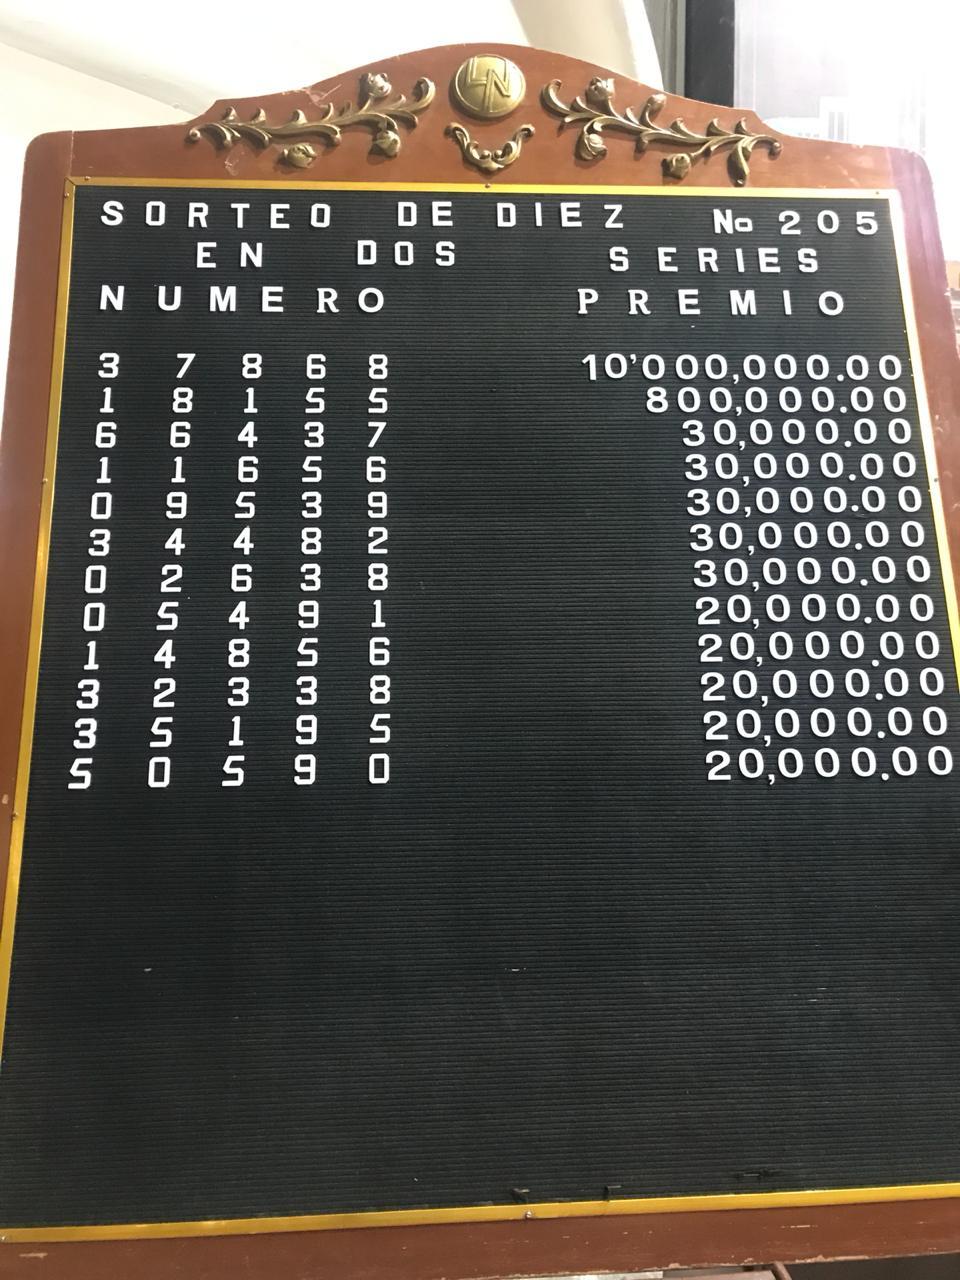 Resultados Sorteo De Diez 205